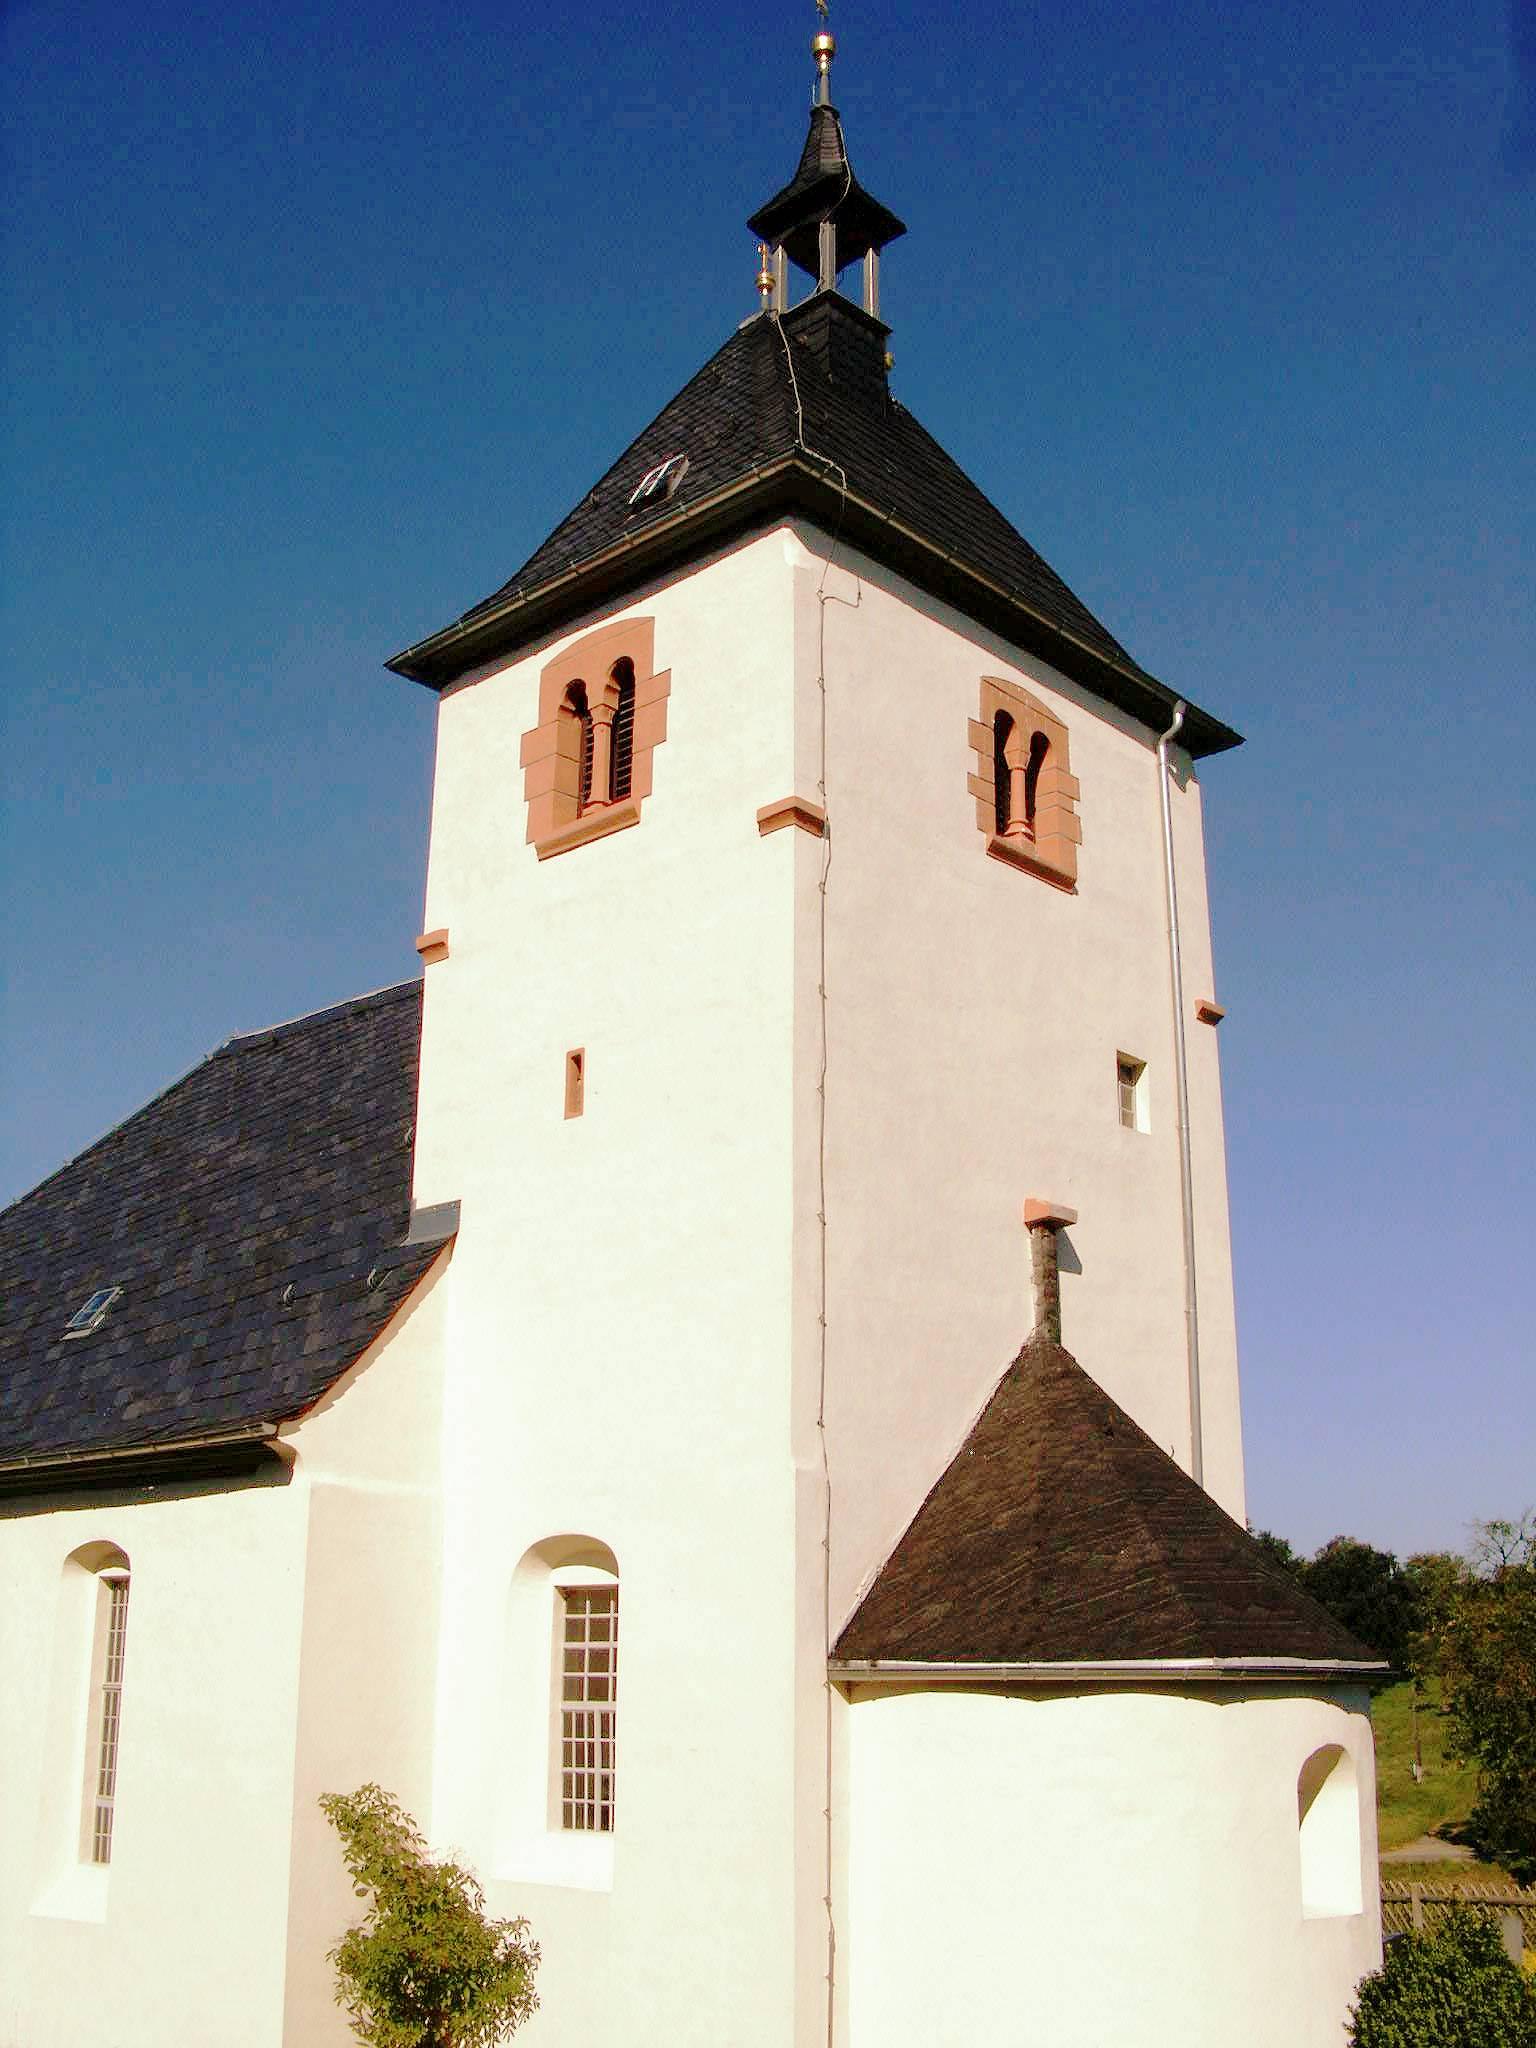 Die St. Magarethenkirche zu Seifersdorf